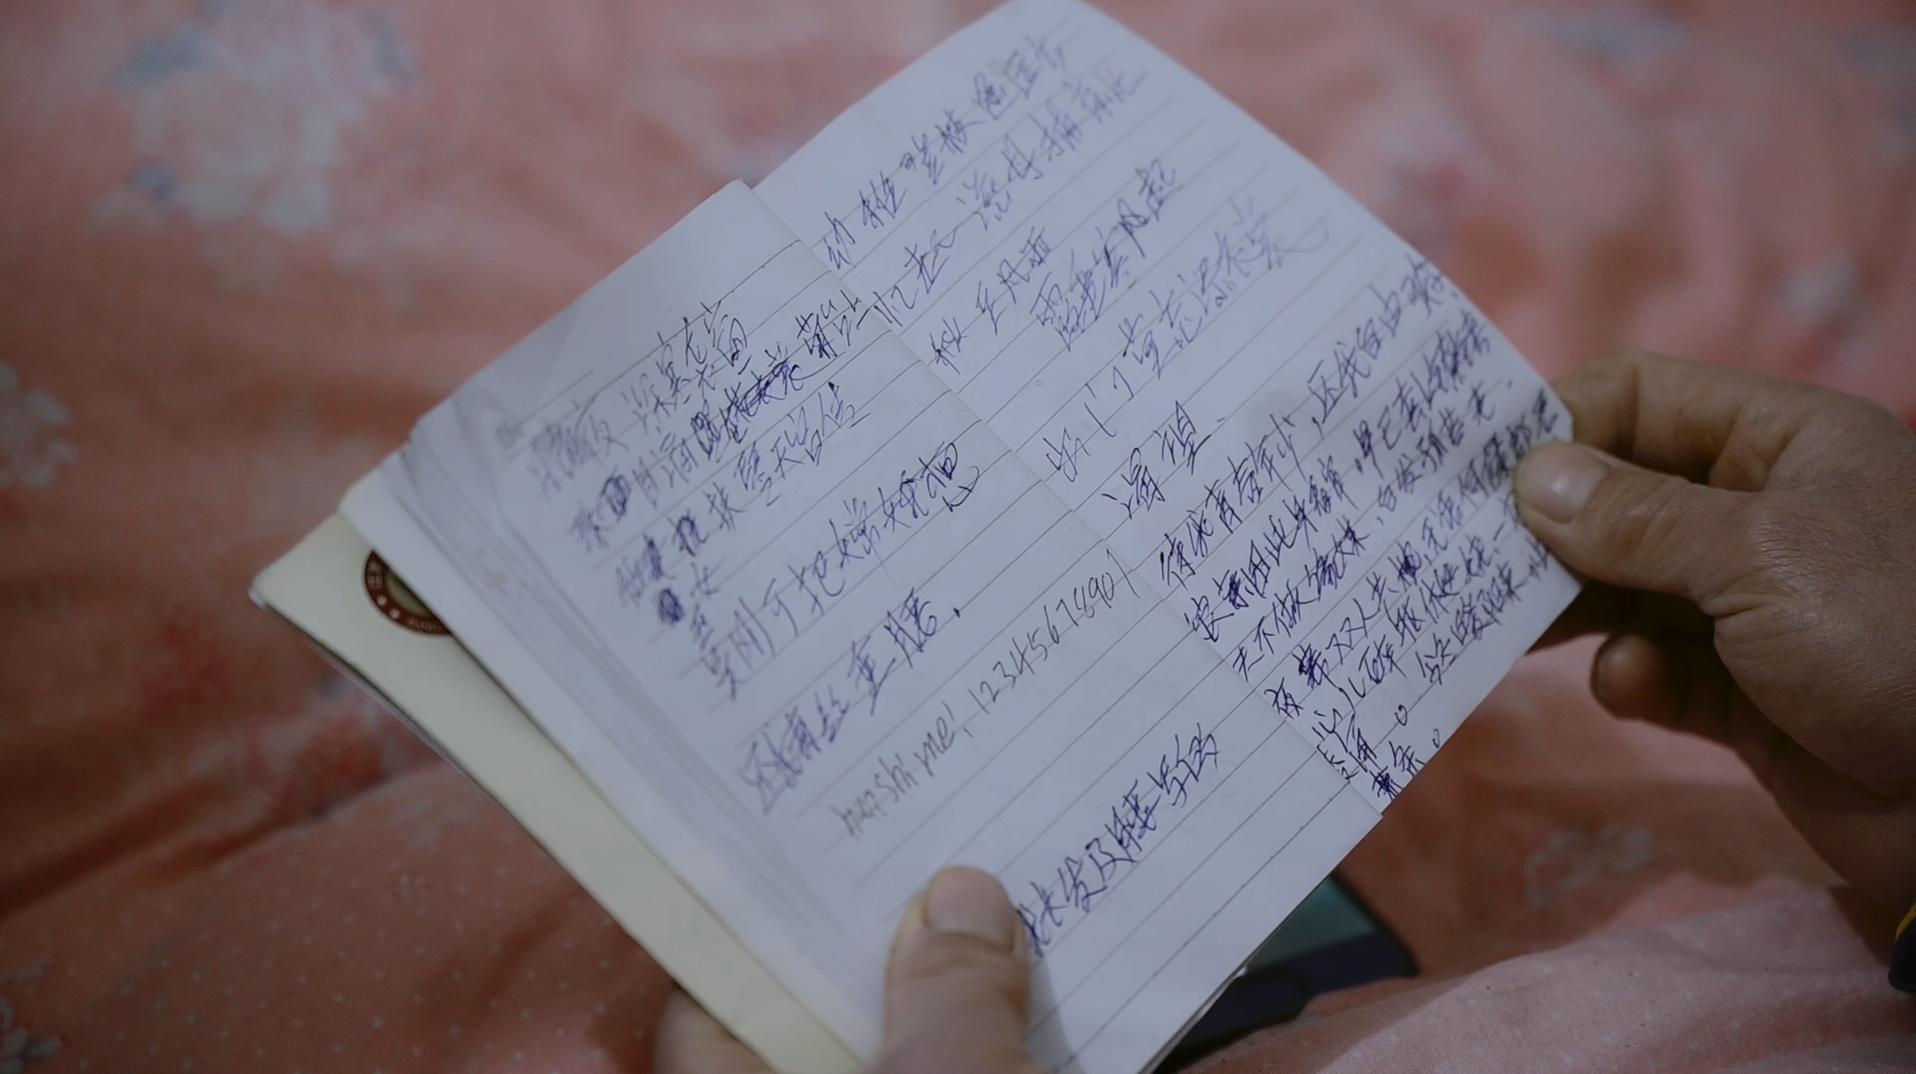 韩仕梅在本子上写诗。 澎湃新闻记者 柳婧文 曾茵子 图